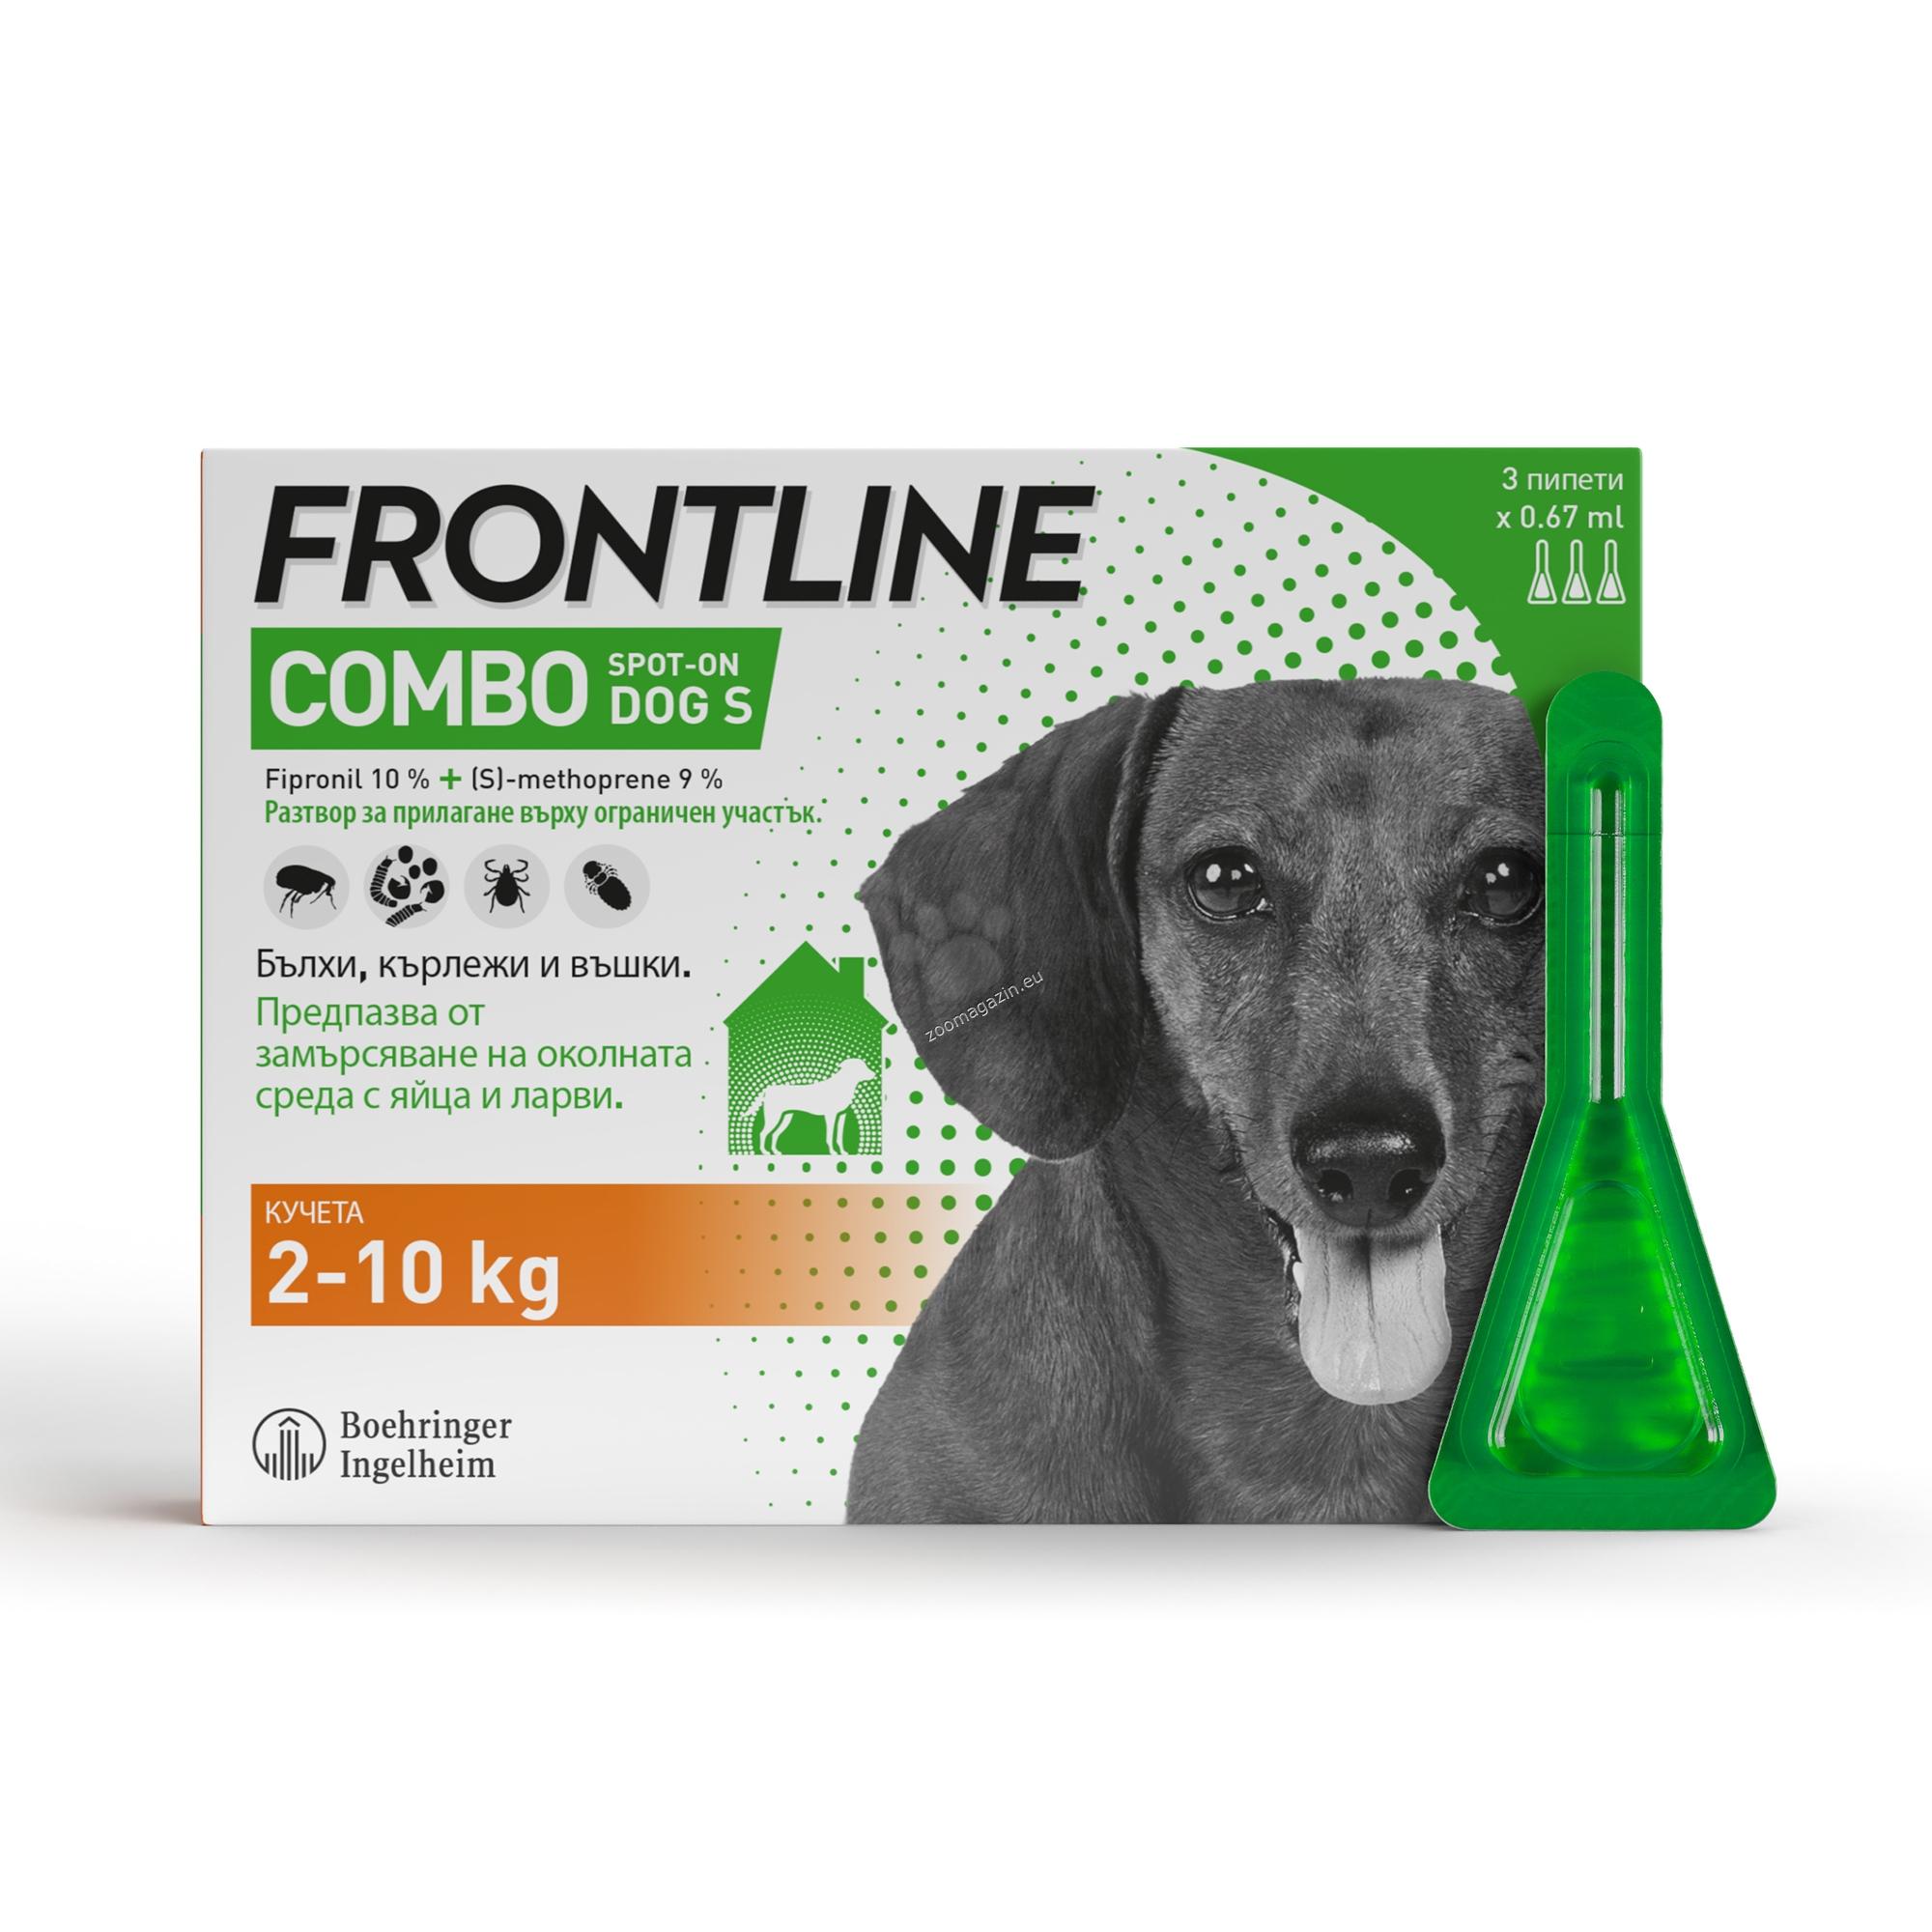 Frontline Combo spot on S - противопаразитна пипета за кучета от 2 до 10 кг.